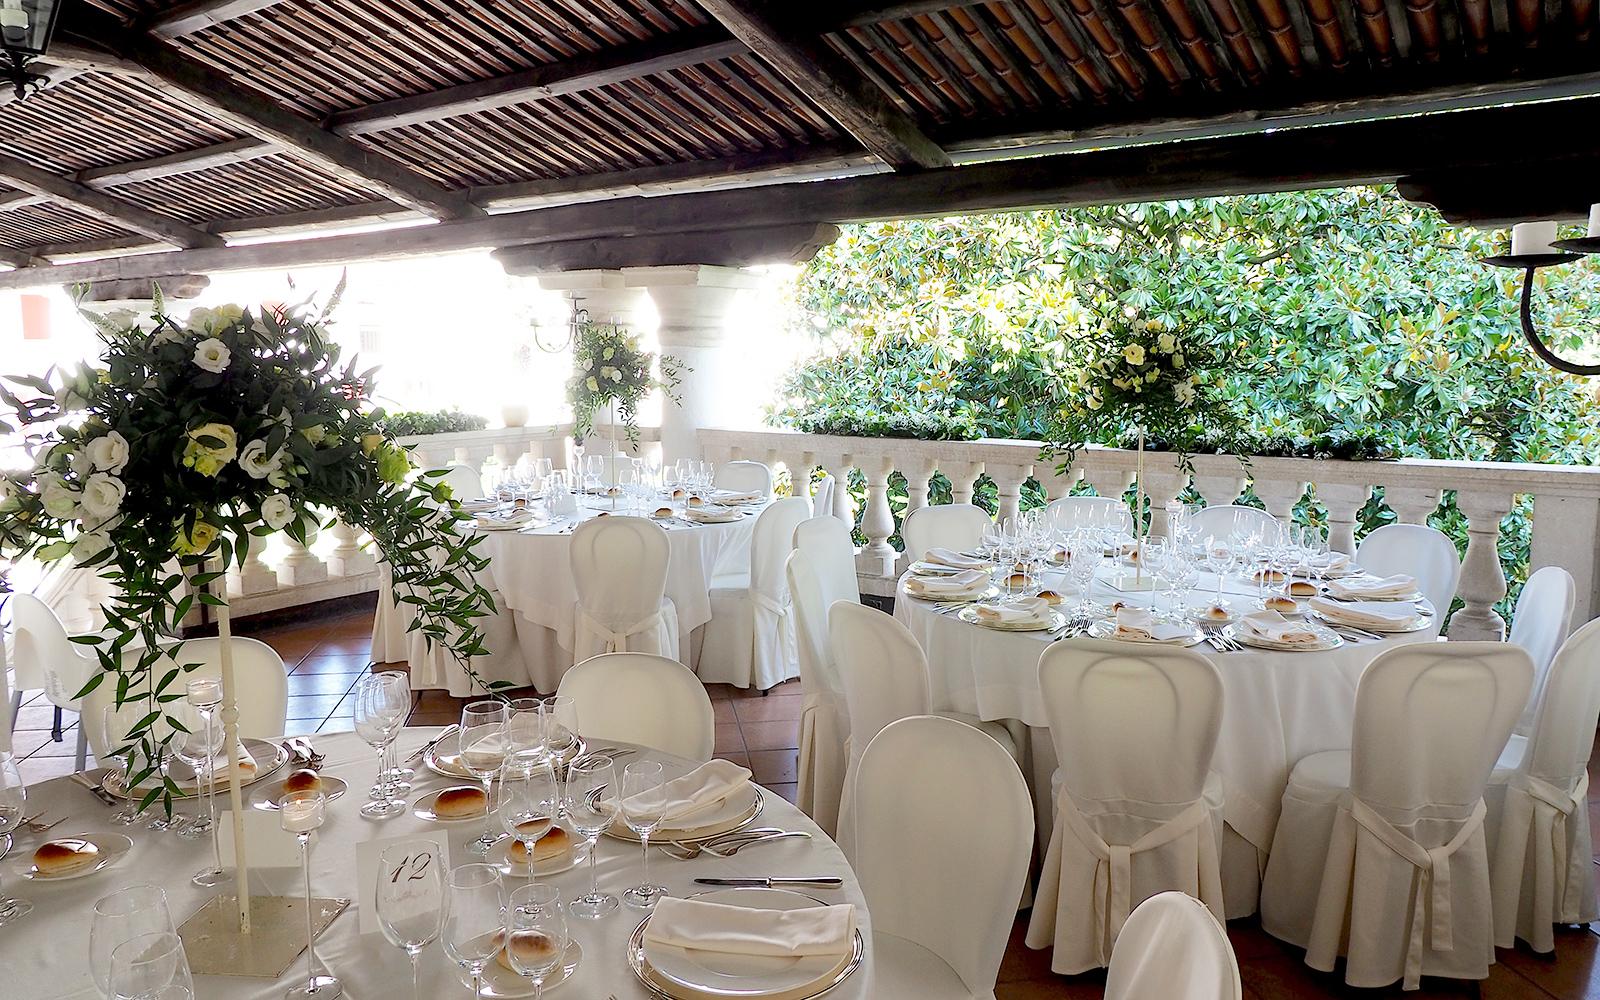 location matrimoni Vicenza, location matrimonio Padova, location matrimonio Vicenza, ricevimento matrimoni Padova, ricevimento matrimonio Vicenza, villa per eventi, villa per eventi vicenza